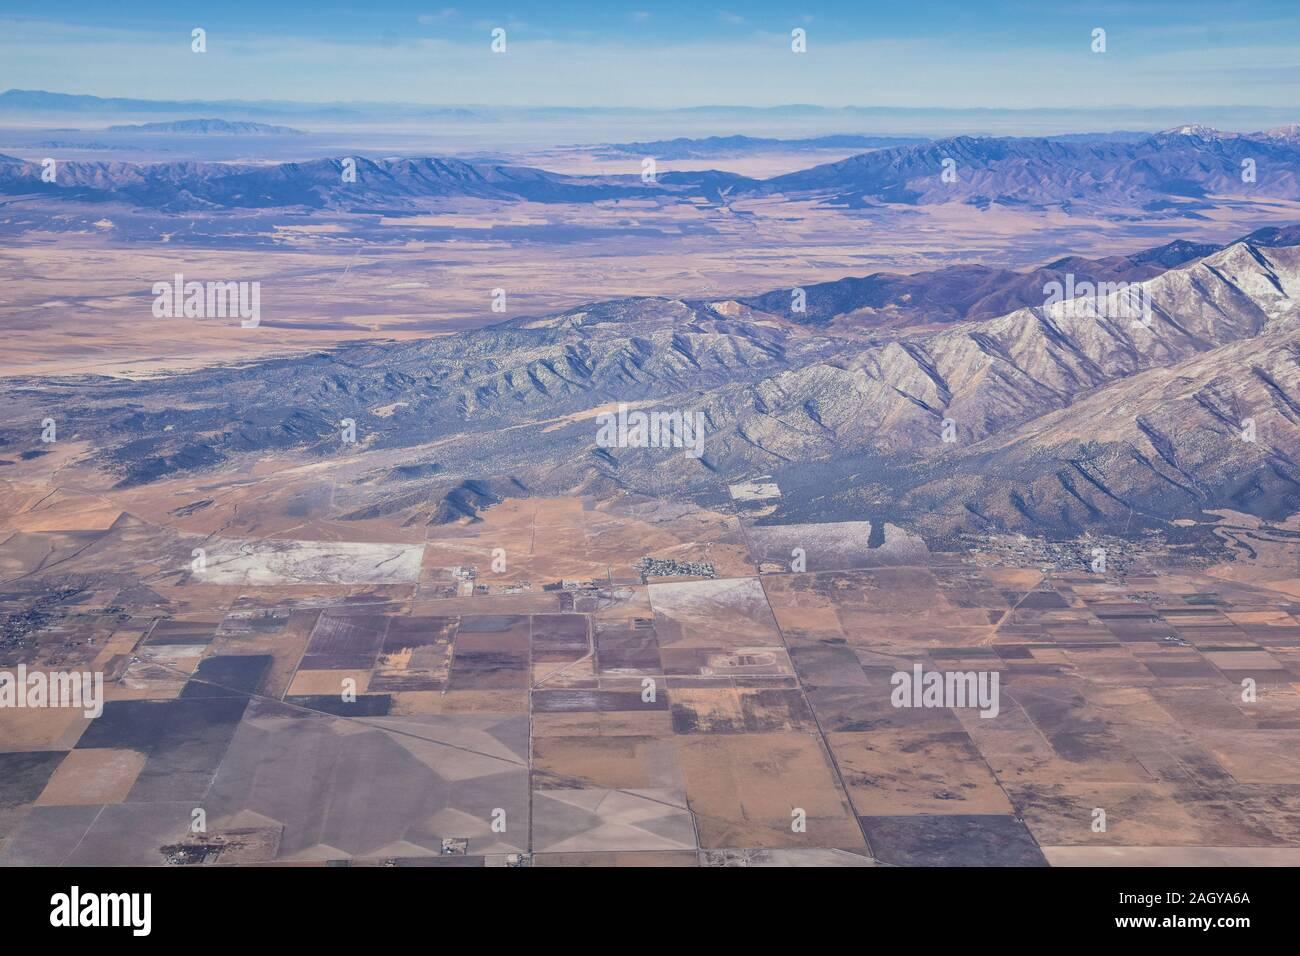 Montagnes Rocheuses, Oquirrh éventail des vues aériennes, Rock Wasatch Front de avion. South Jordan, West Valley, Magna et Herriman, par le Grand Lac Salé U Banque D'Images